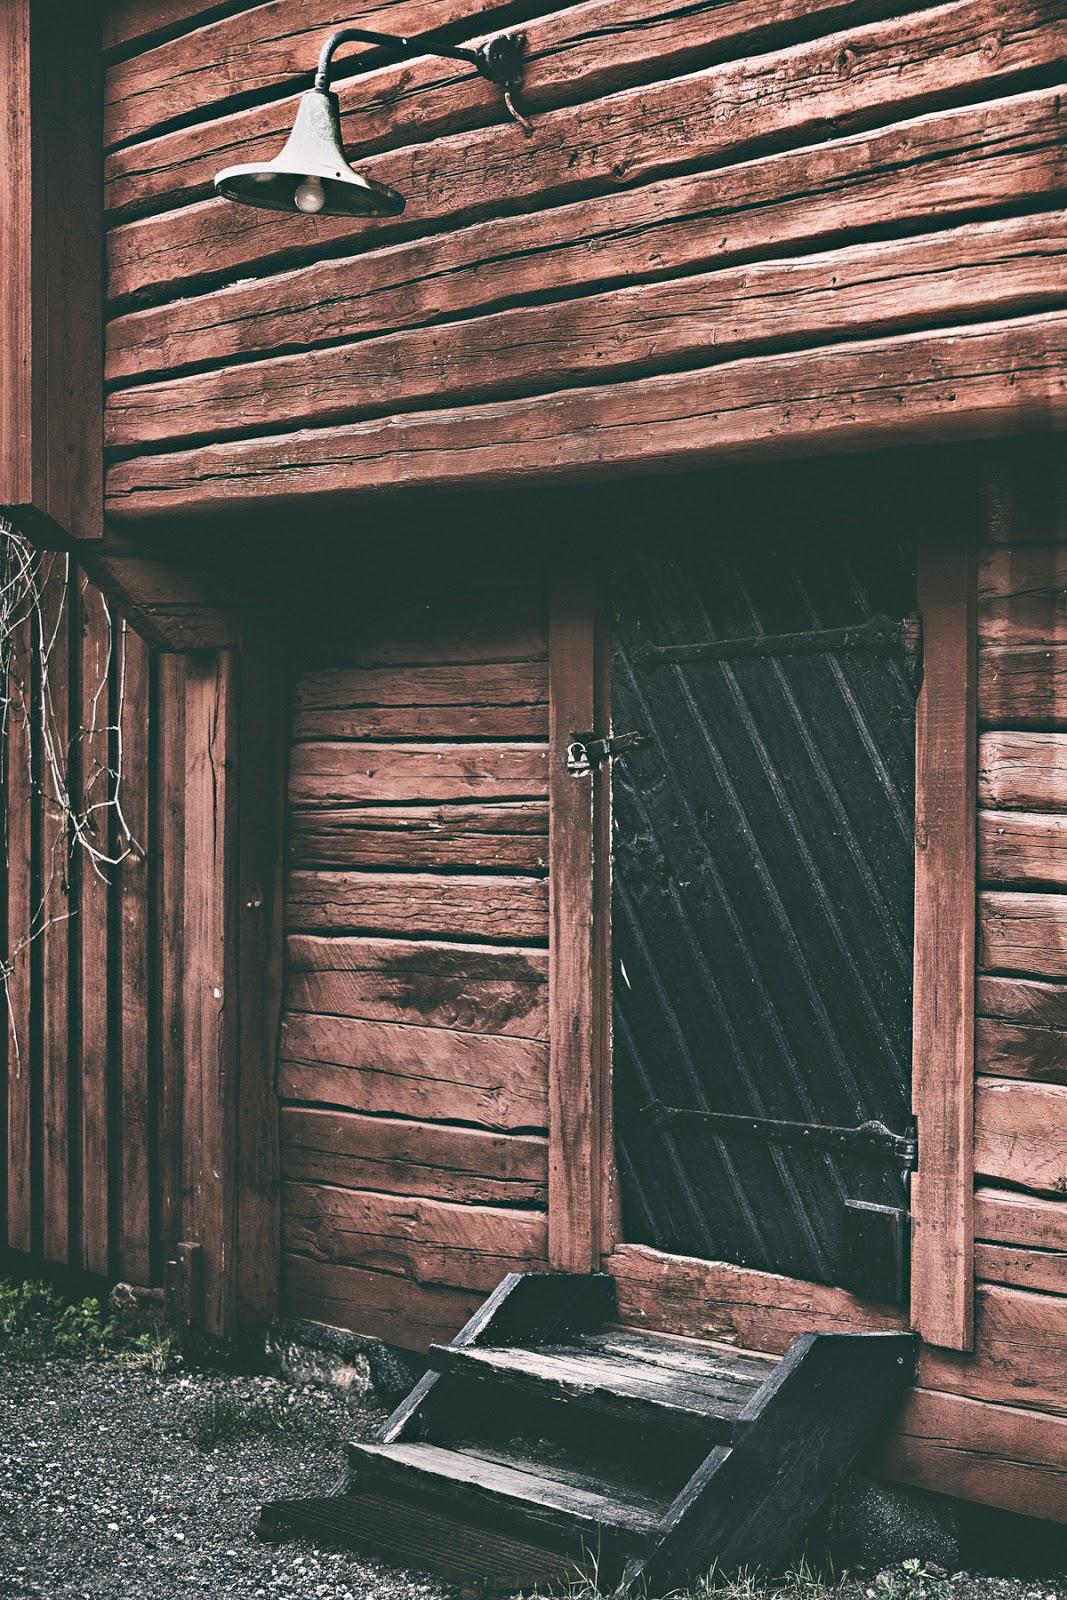 Loviisa, Lovisa, Suomi, Finland, visitloviisa, outdoors, outdoorphotography, valokuvaaja, photographer, Visualaddict, Frida Steiner, visualaddictfrida, finlandphotolovers, aitta, punamulta, hirsi, vaja